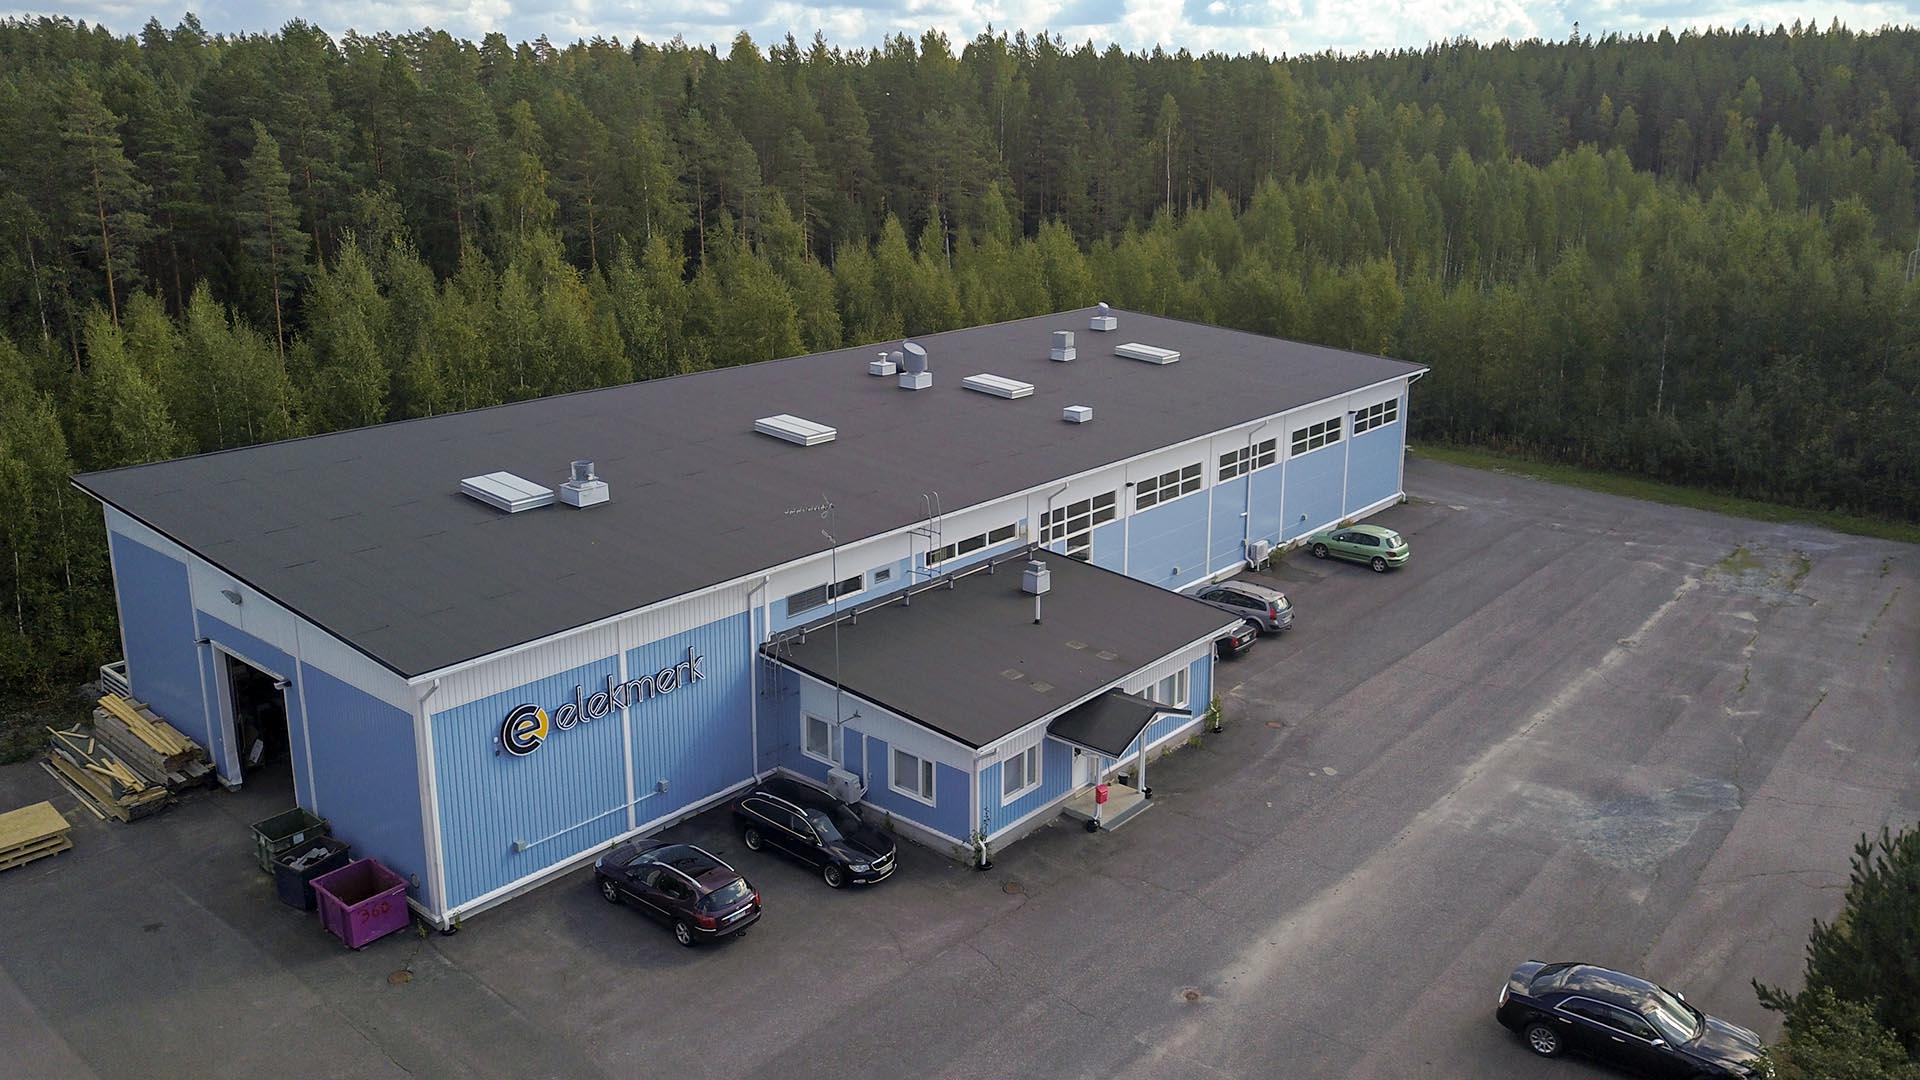 Ilmakuva tehdashallista. Pihassa on autoja ja taustalla metsää.